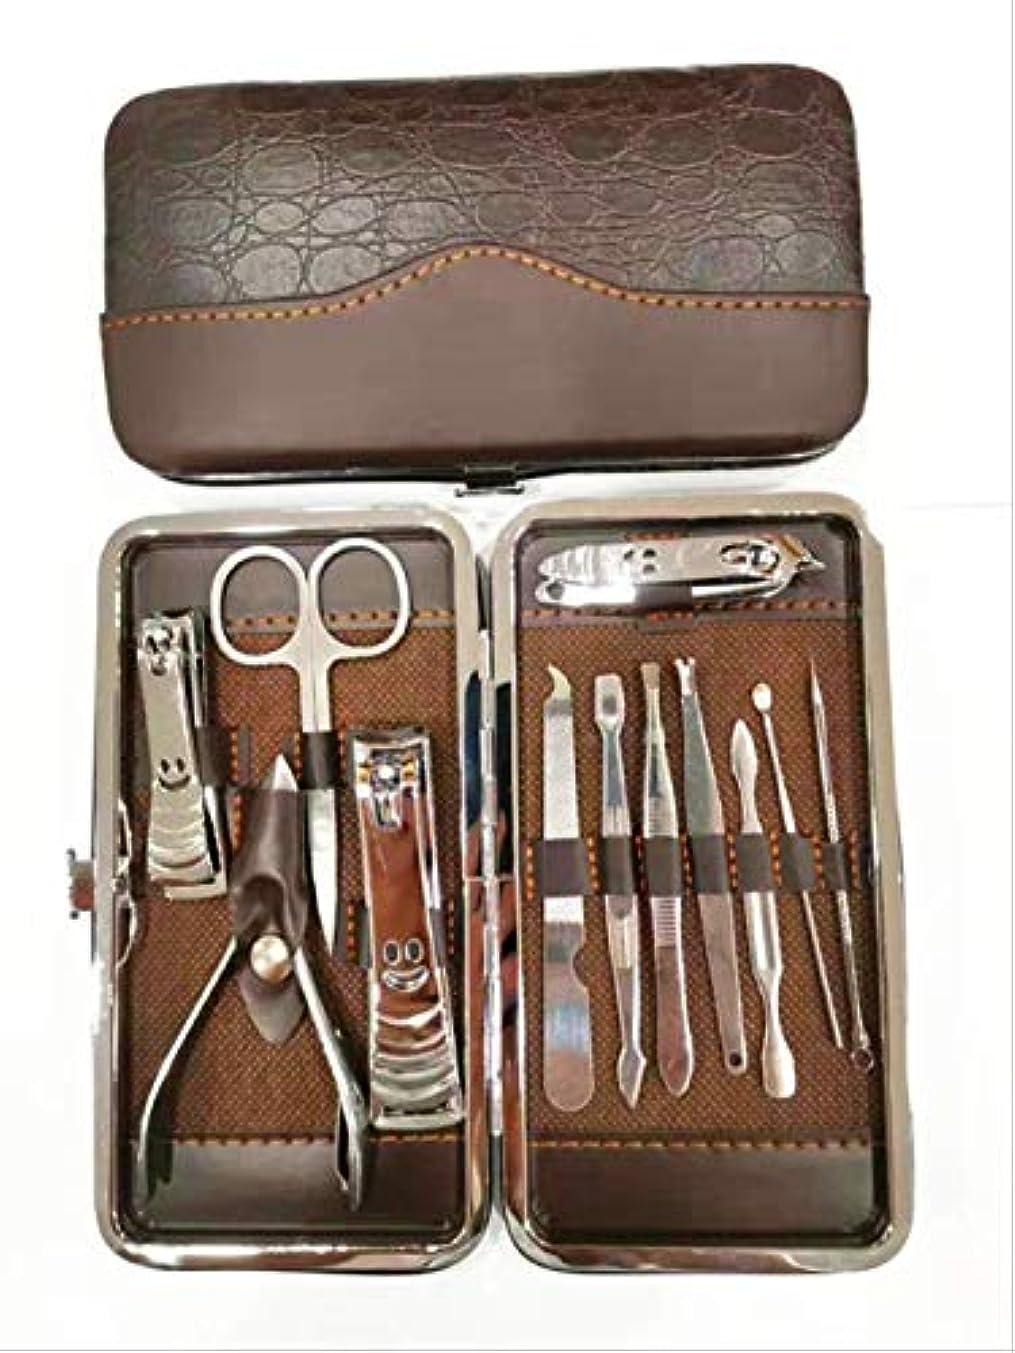 興奮疫病リード爪切りセット16ピースペディキュアナイフ美容プライヤー爪ツール 7119キューバパターン